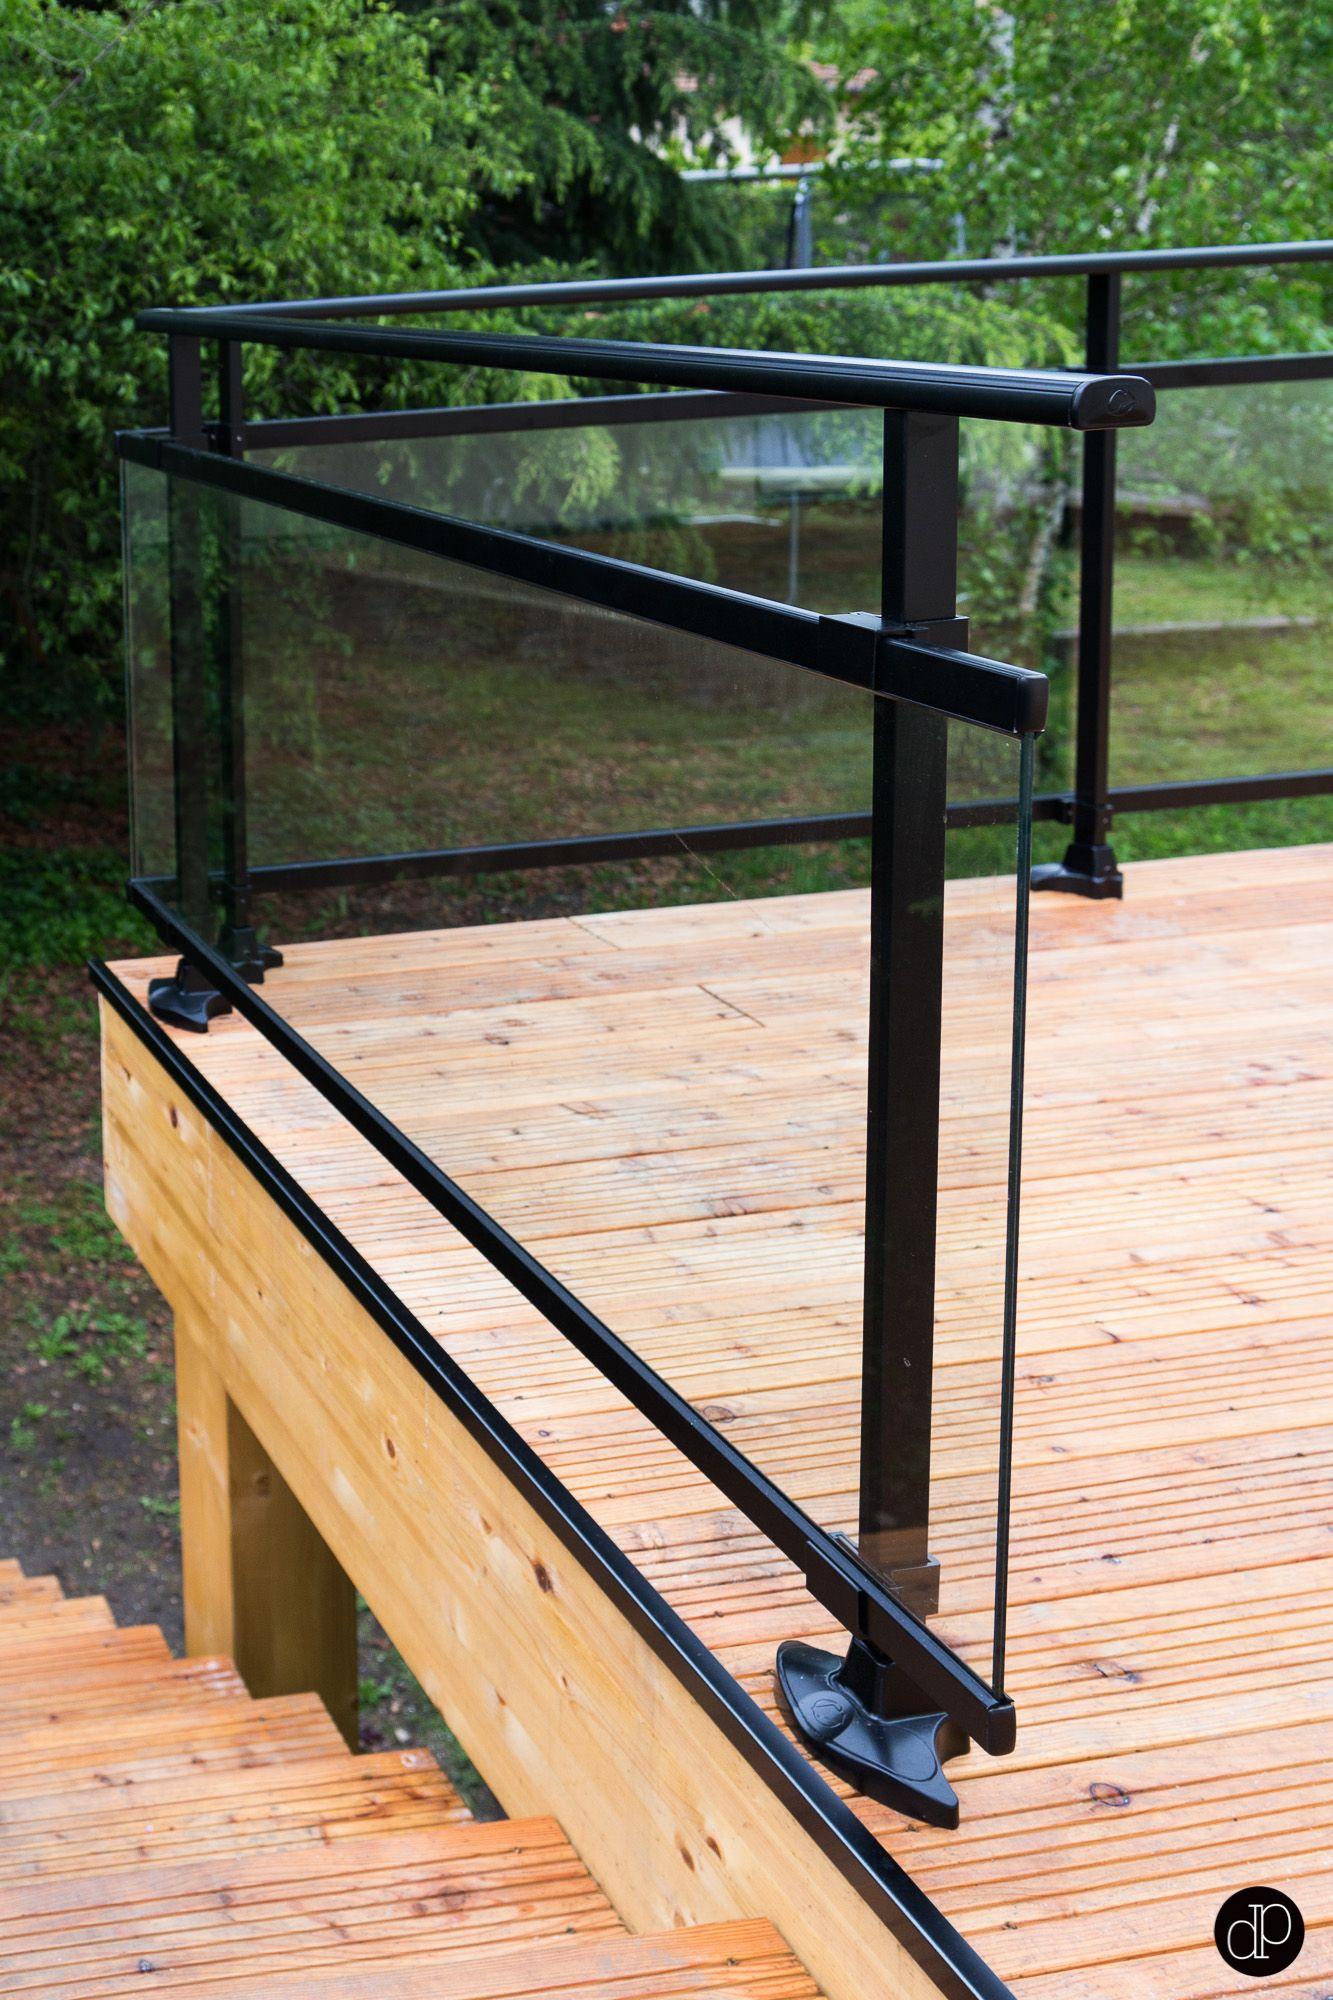 cr ation d 39 une terrasse de 50m2 avec garde corps vitr pour ne pas bloquer le regard mentes. Black Bedroom Furniture Sets. Home Design Ideas